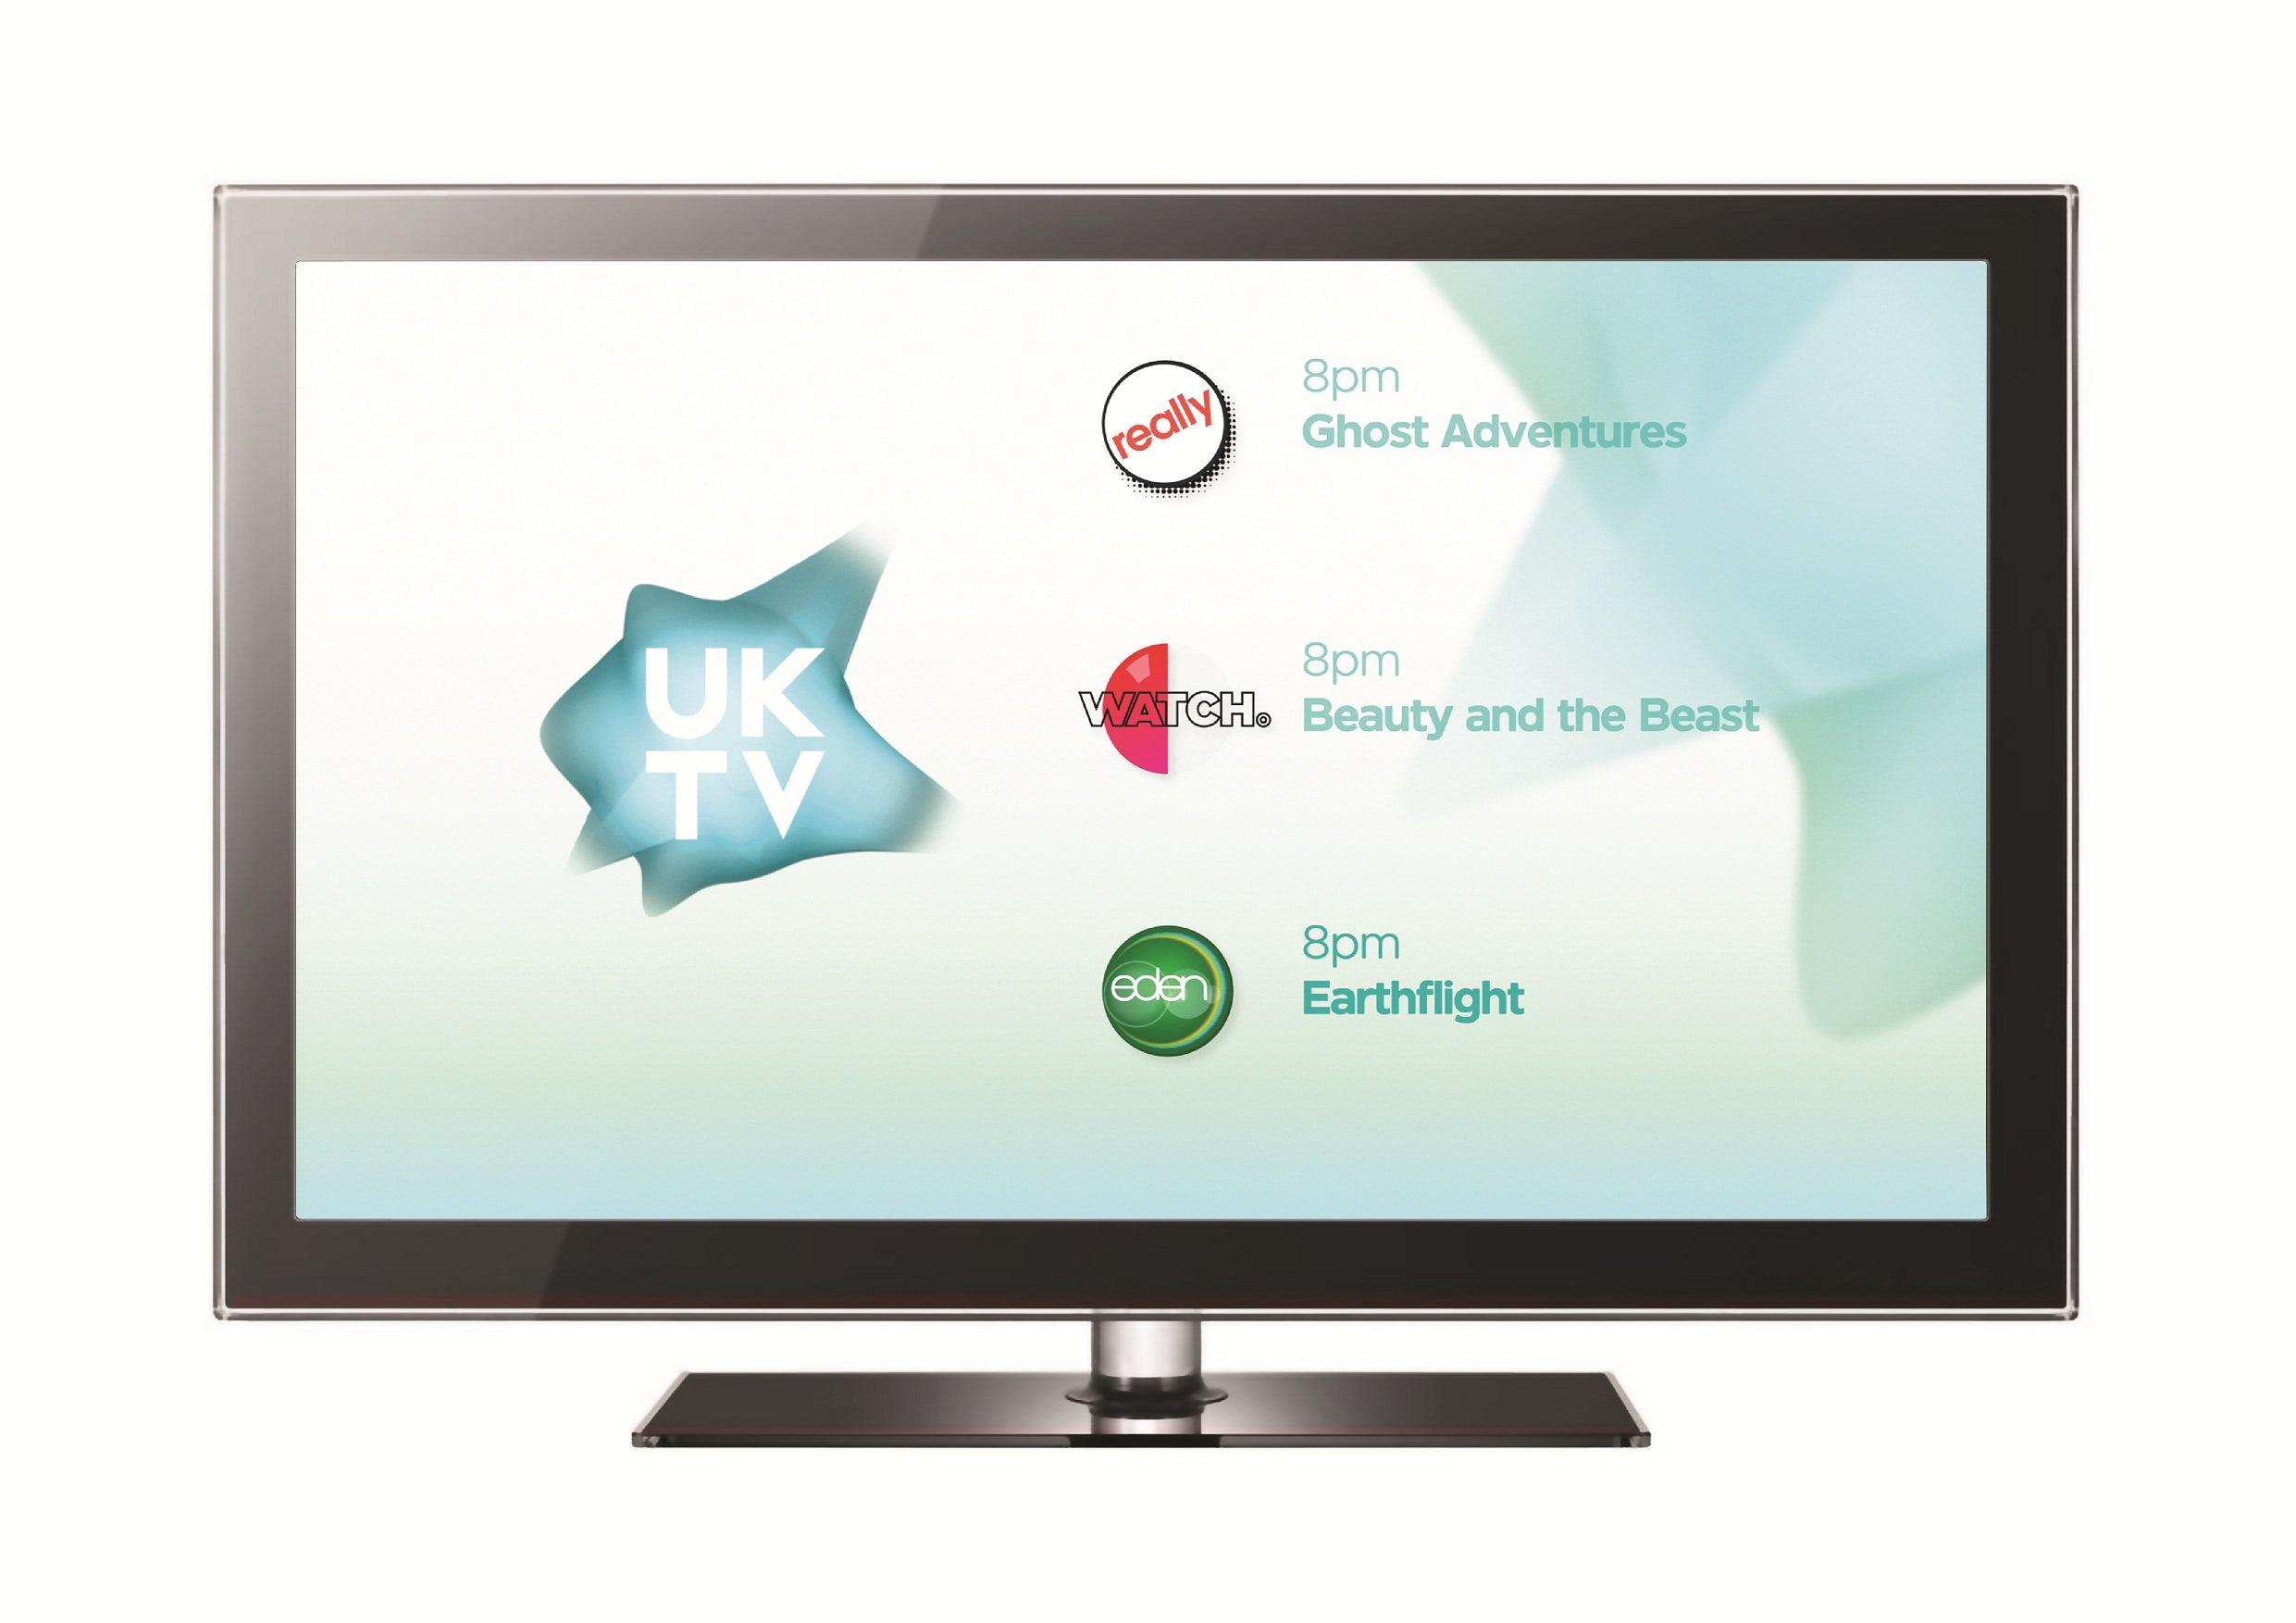 UKTV-TVAd-2013.460